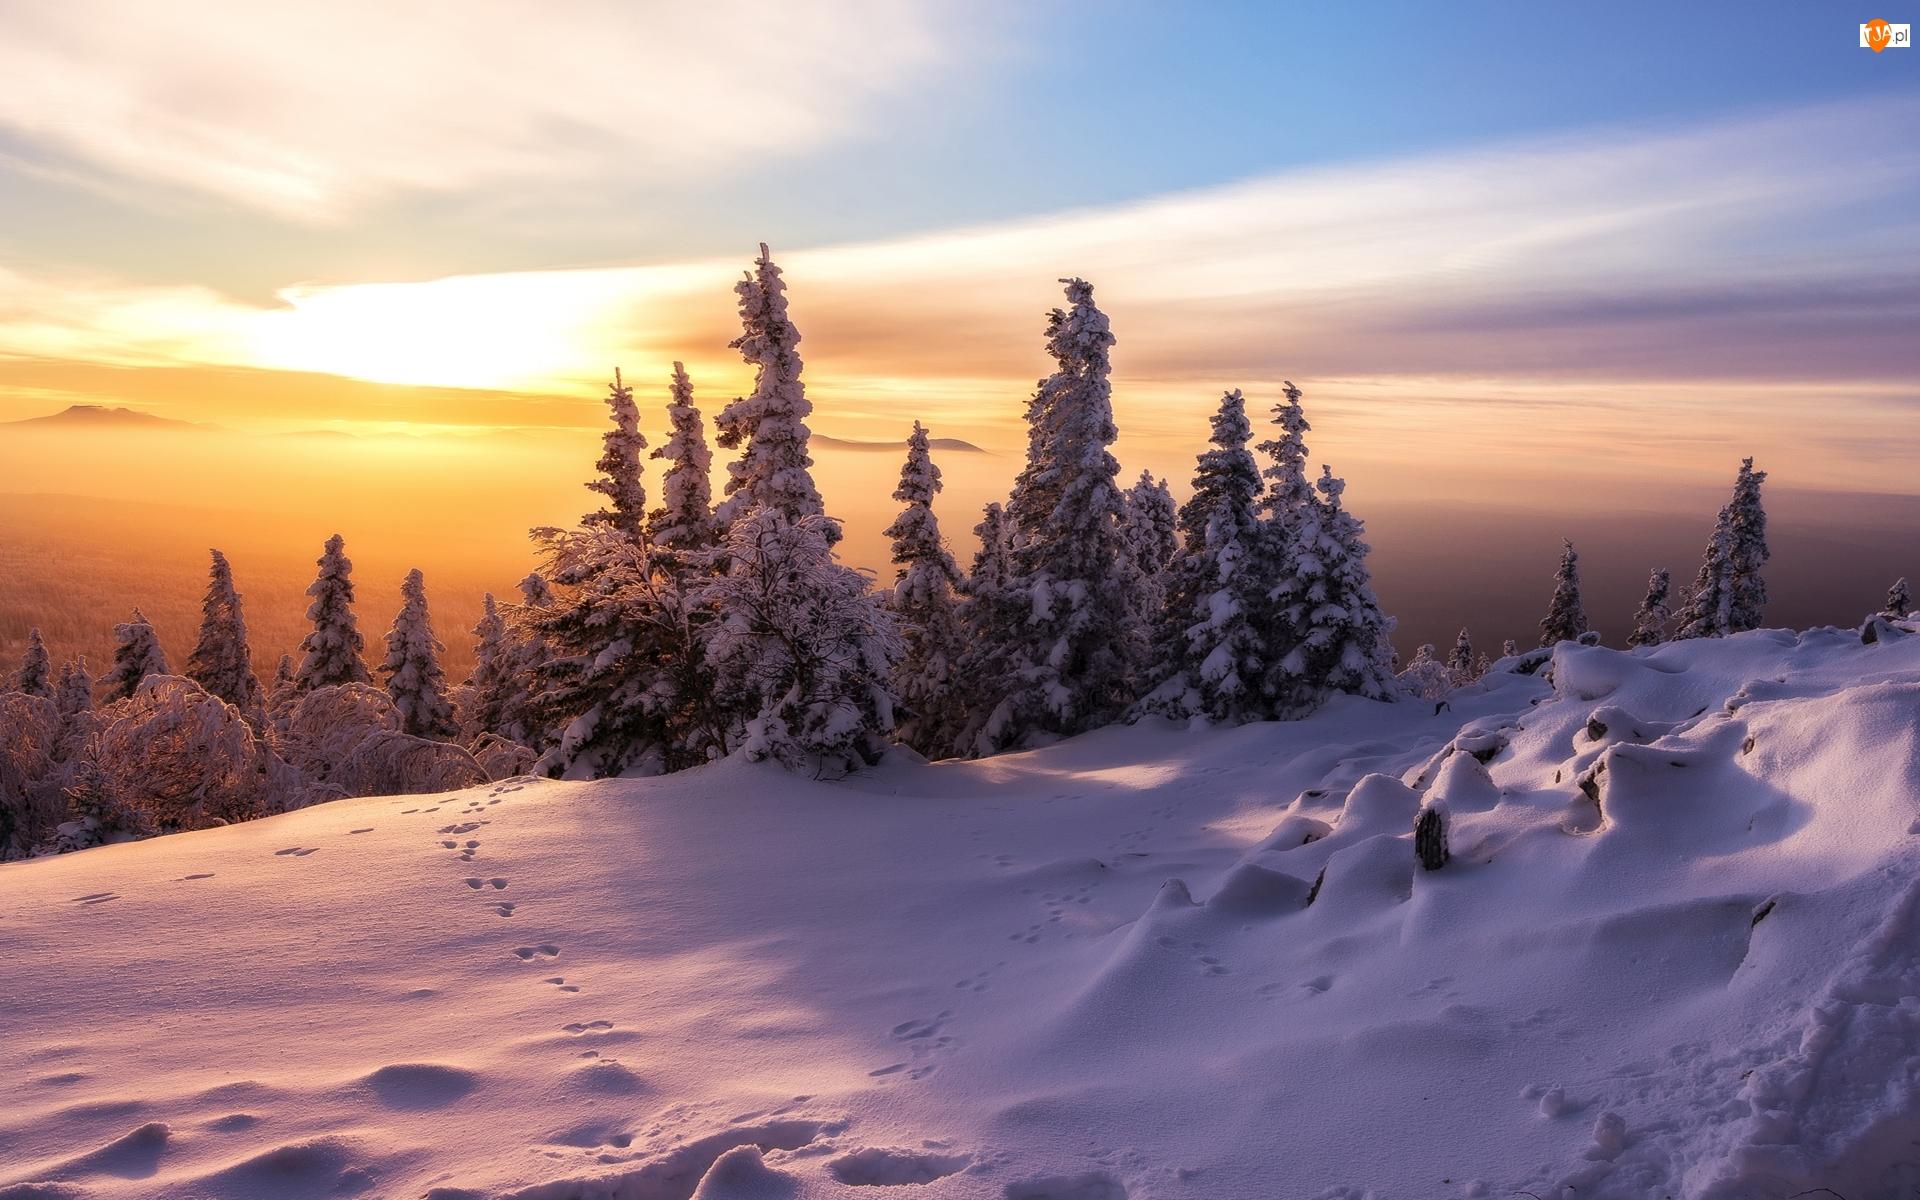 Świerki, Mgła, Ośnieżone, Zima, Wschód słońca